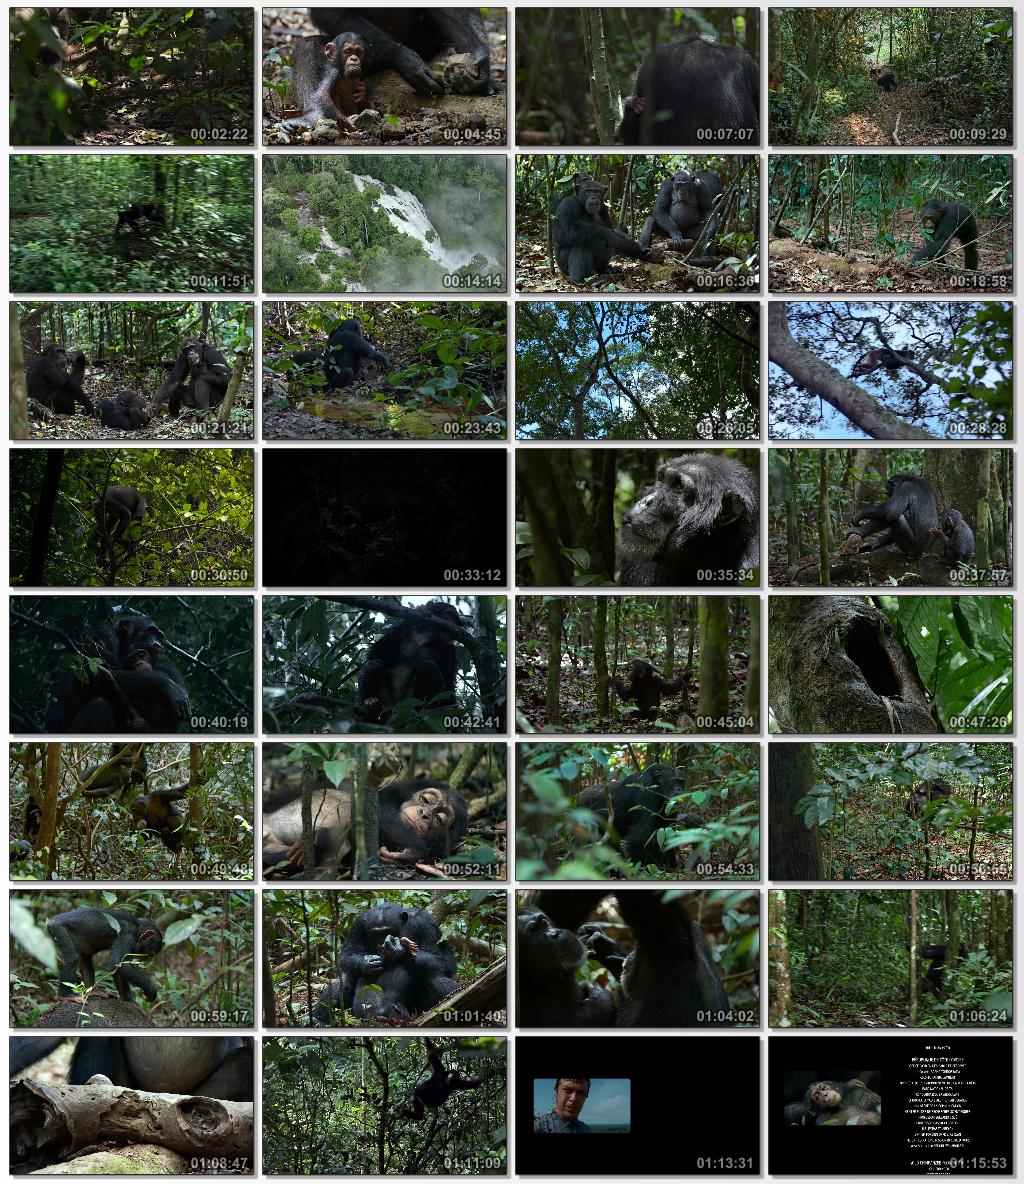 Chimpanzee.2012.720p.www.download.ir.mkv_thumbs_[2015.01.04_11.52.29]